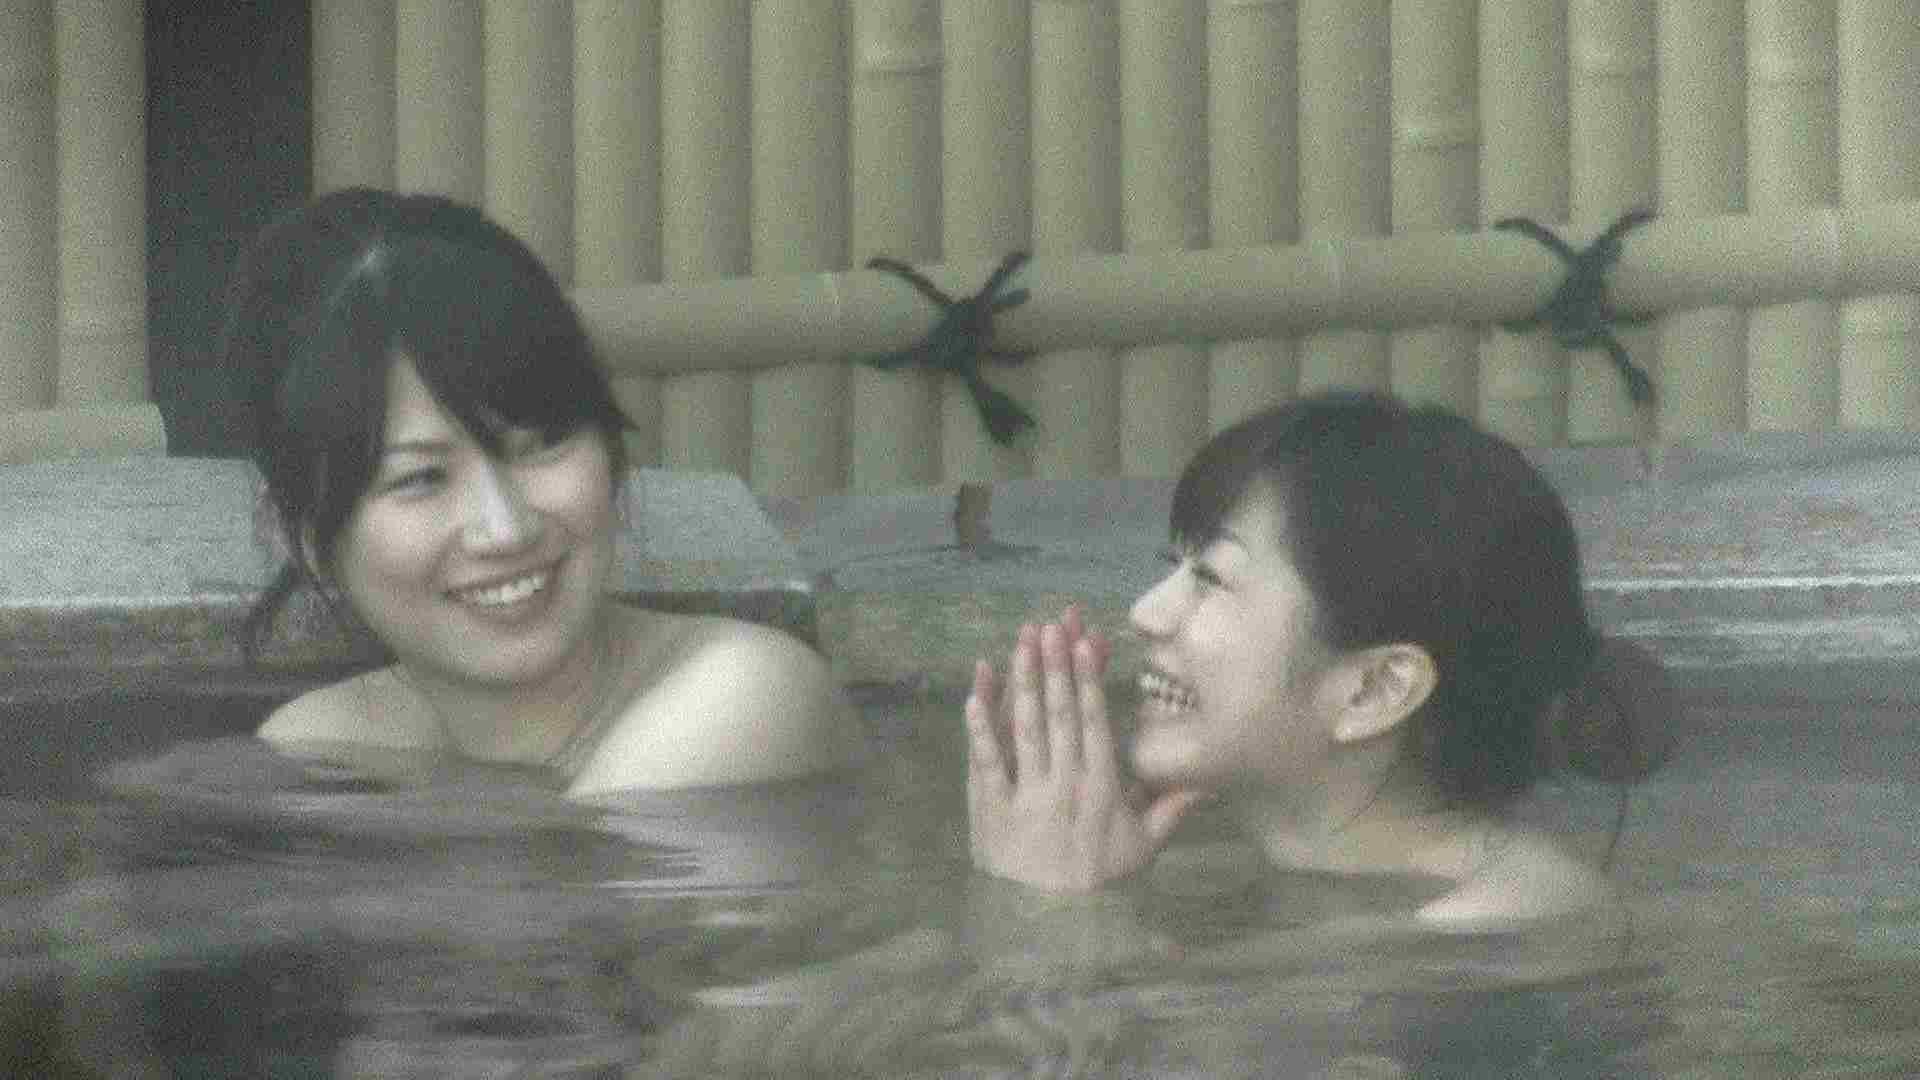 Aquaな露天風呂Vol.206 露天  42pic 11